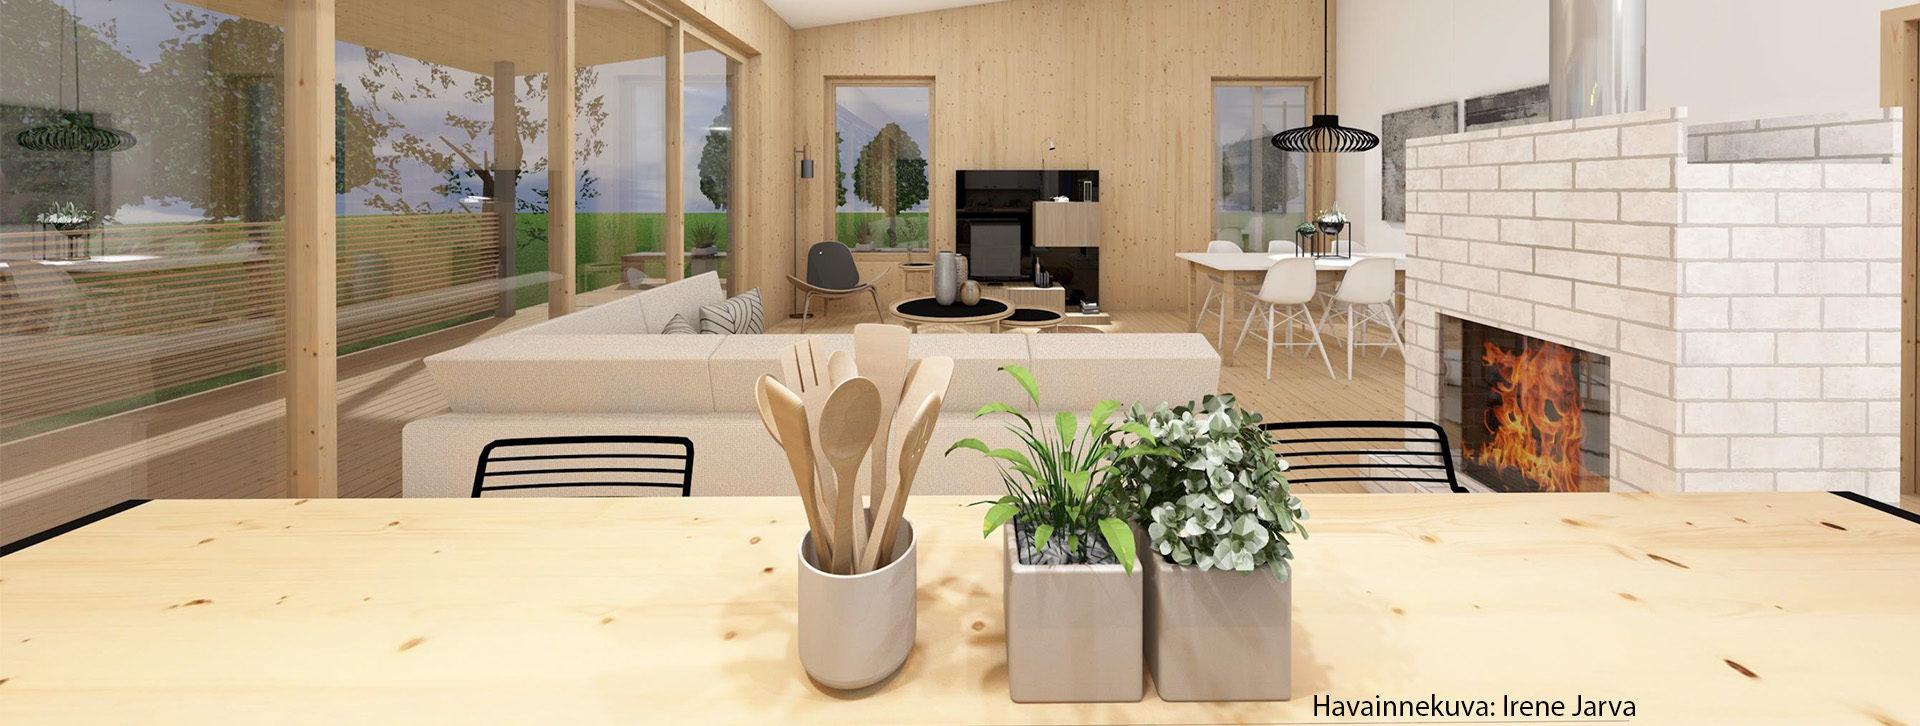 Kuvassa näkyy vaaleasta puusta rakennettu olohuone. Oikealla seinustalla on takka, vasen seinä on ikkunaa. Etualalla on saarekepöytä, jossa on purkissa puisia kauhoja ja paisitinlastoja. Lisäksi kahdessa purkissa on yrttejä.